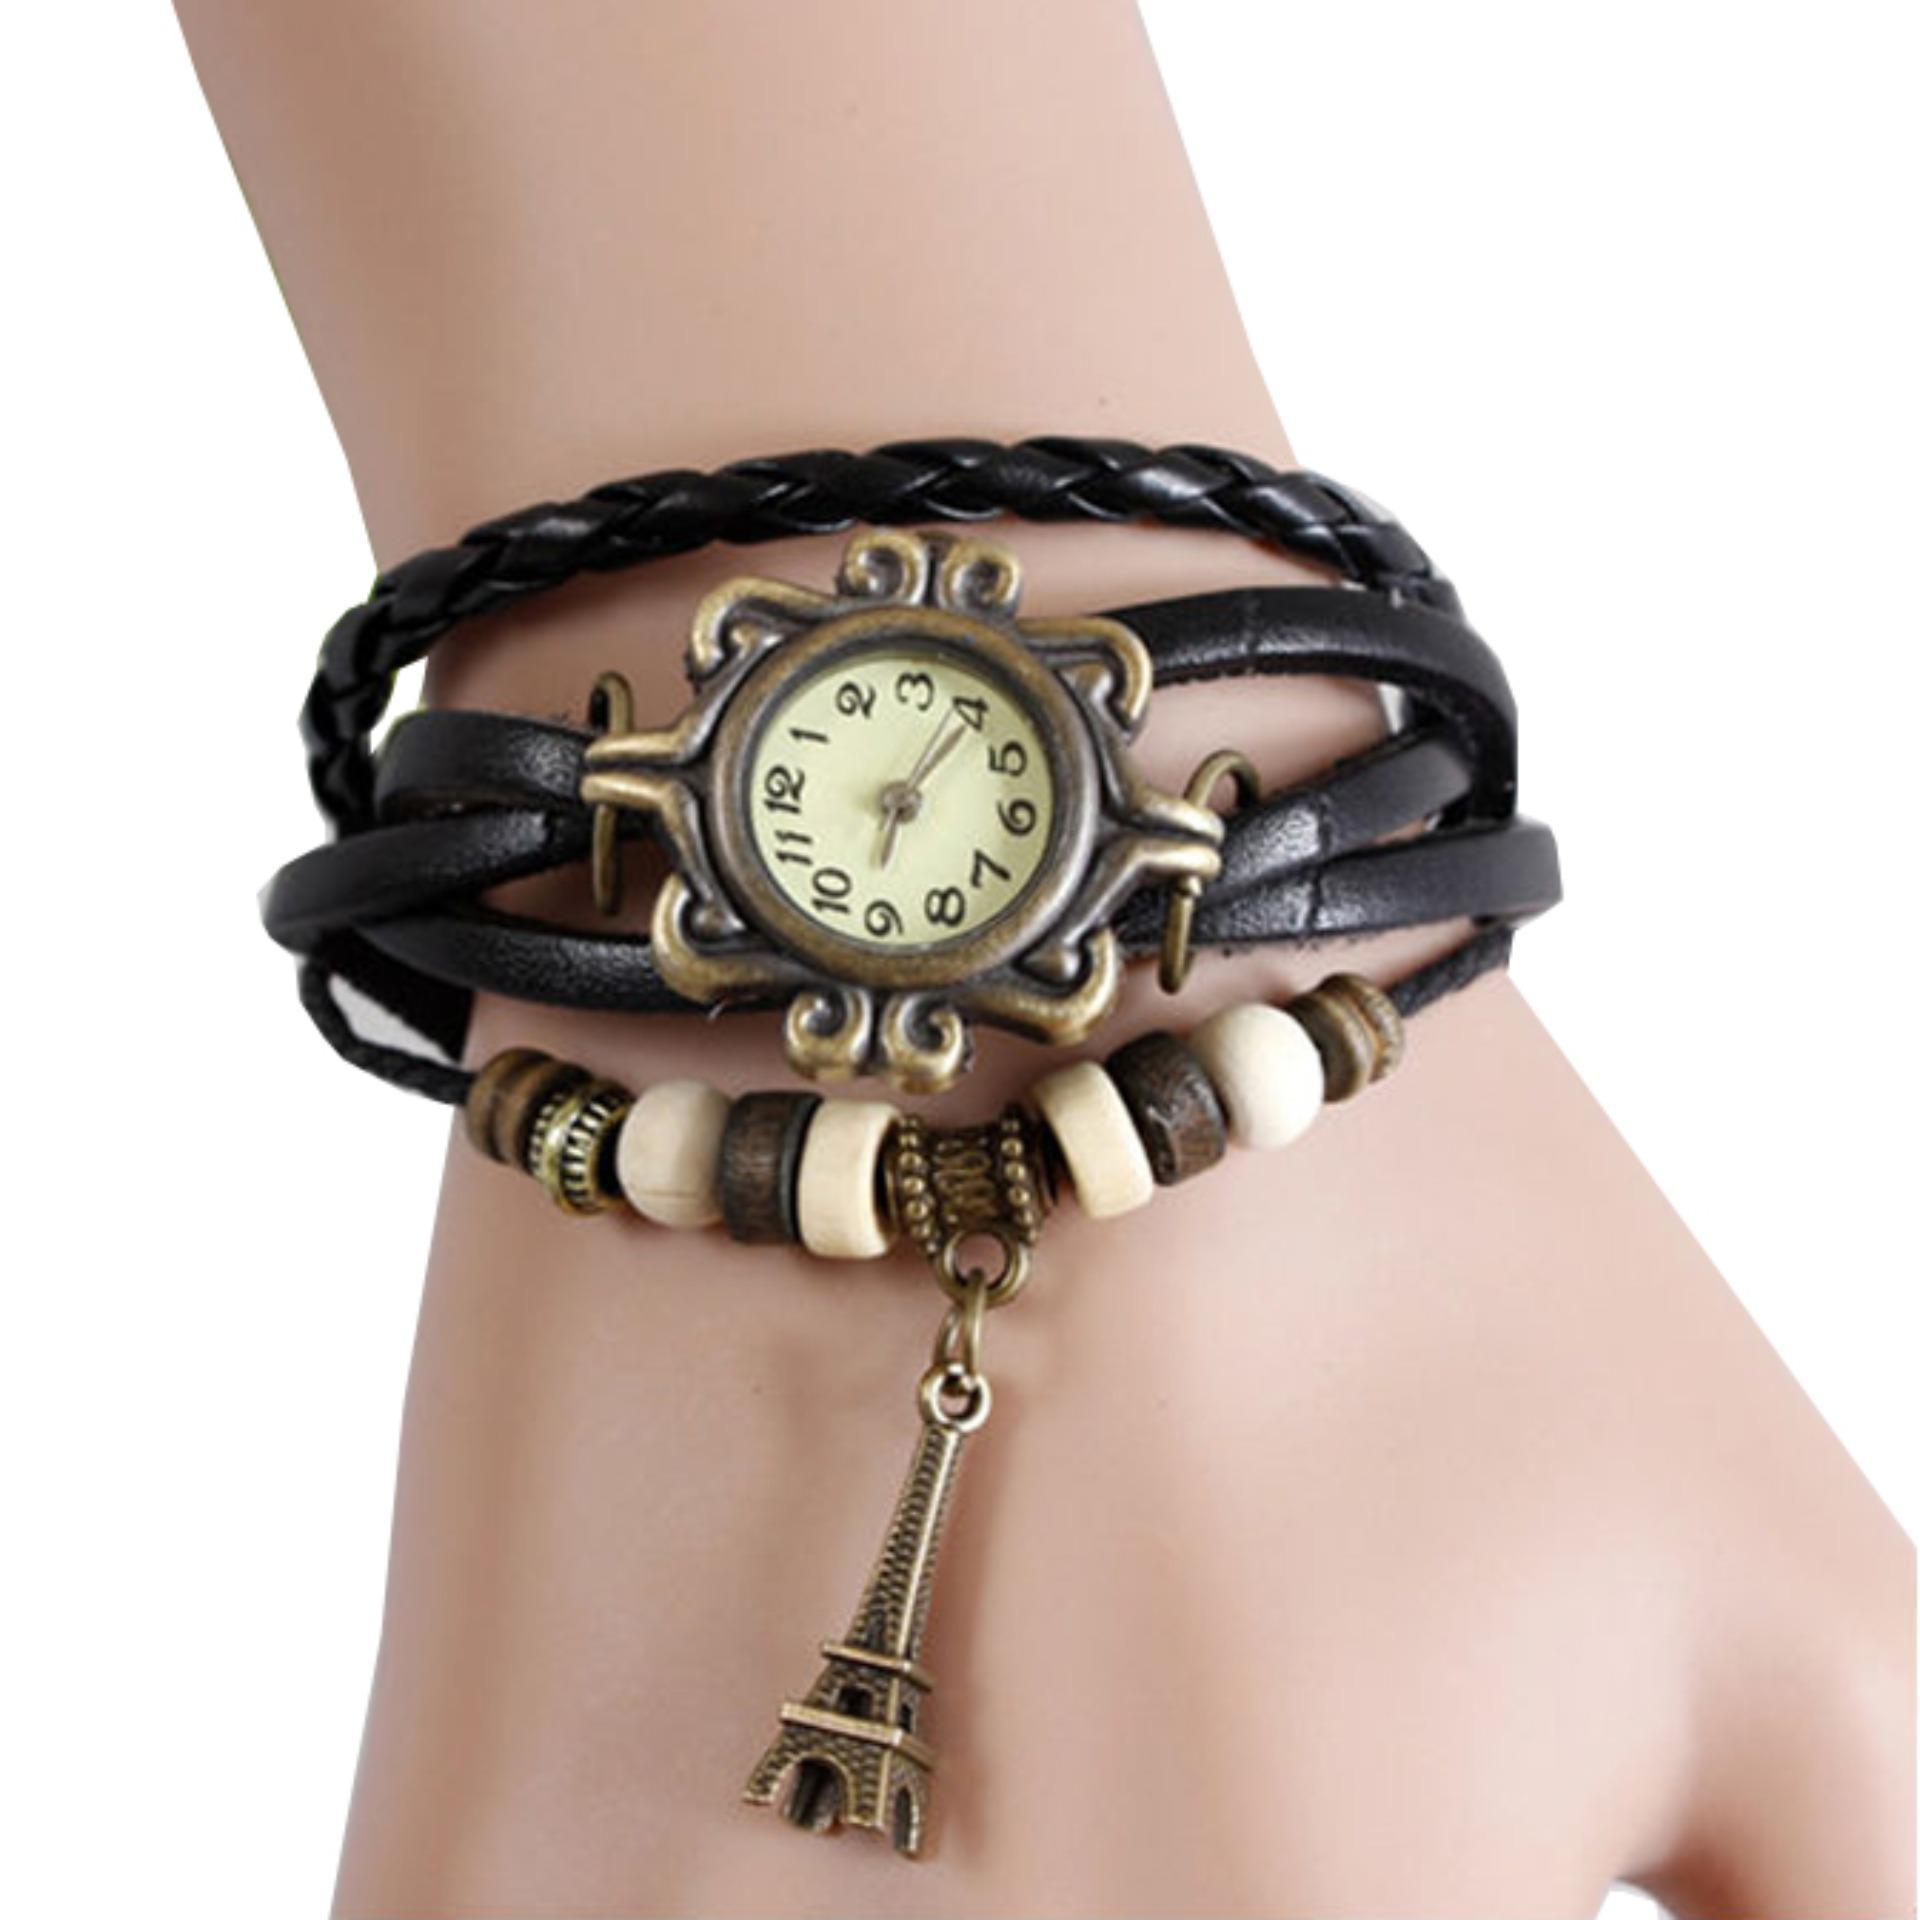 Jam Tangan Gelang Jam Tangan Wanita Fashion Leather Strap Lilit Gelang 4731db2d6d